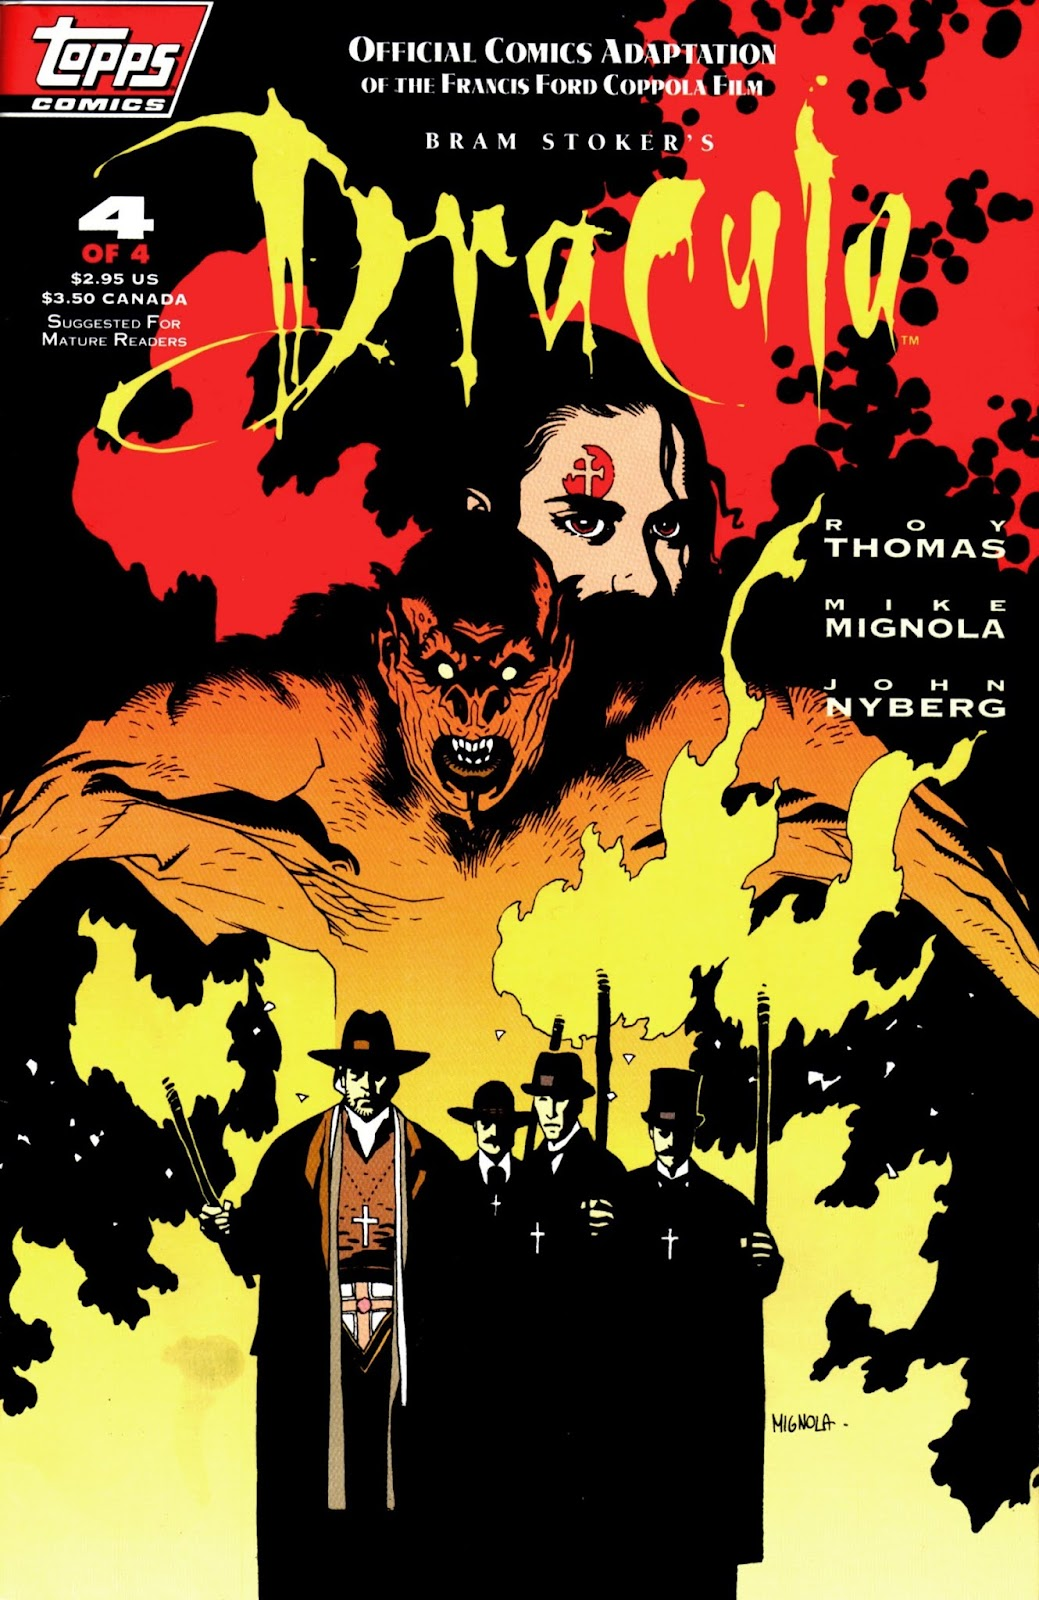 Read online Bram Stoker's Dracula comic -  Issue #4 - 1